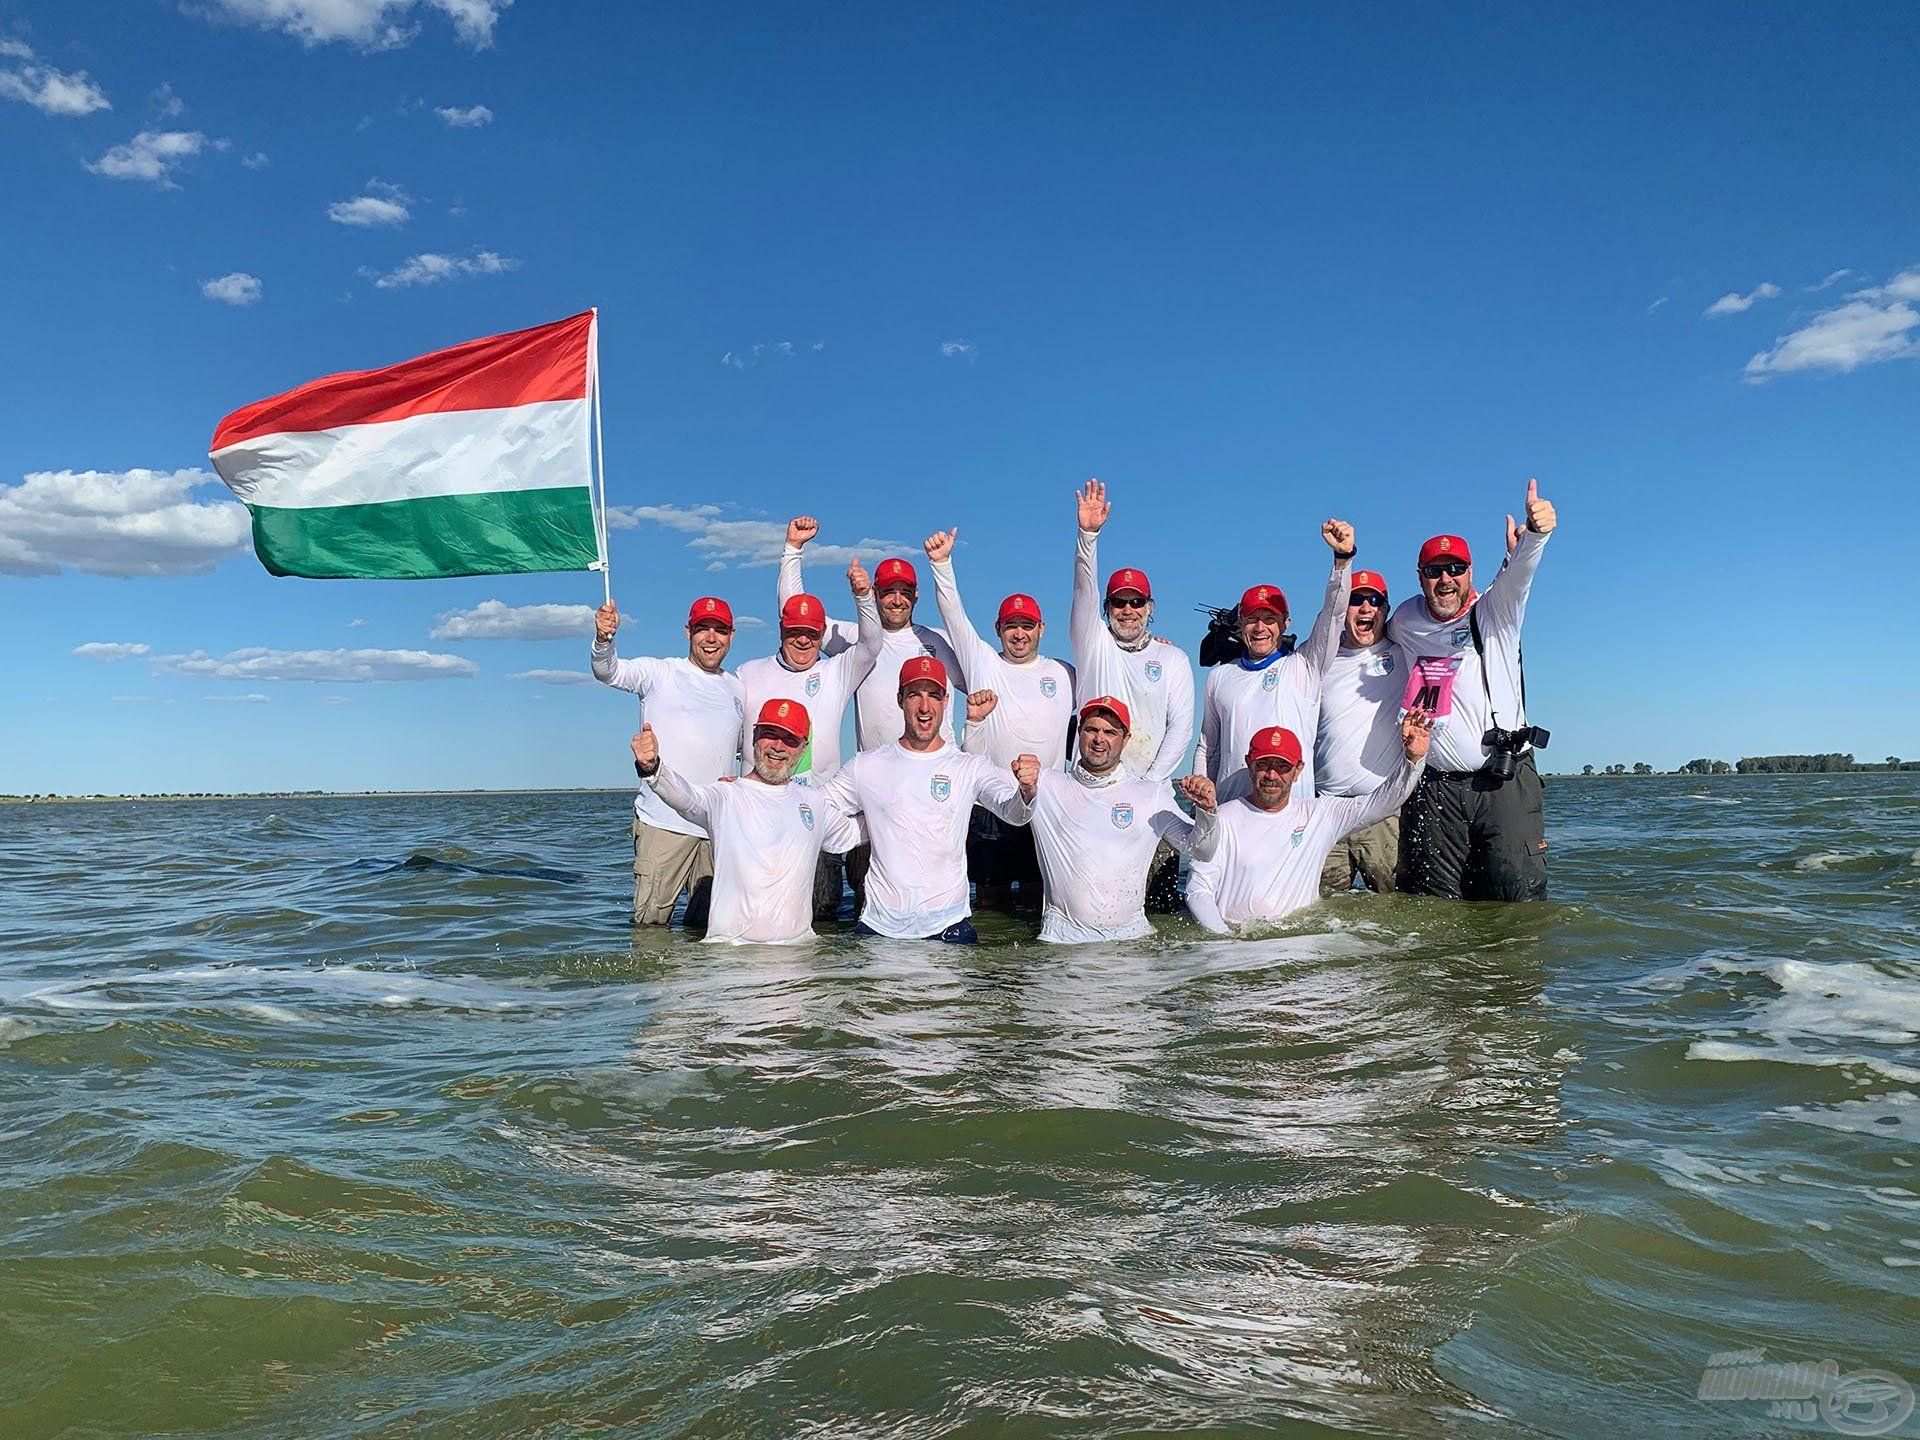 2019 februárjában Sipos Gábor és jómagam a magyar nemzeti válogatott tagjaiként a Dél-afrikai Köztársaságban világbajnoki címet szereztünk